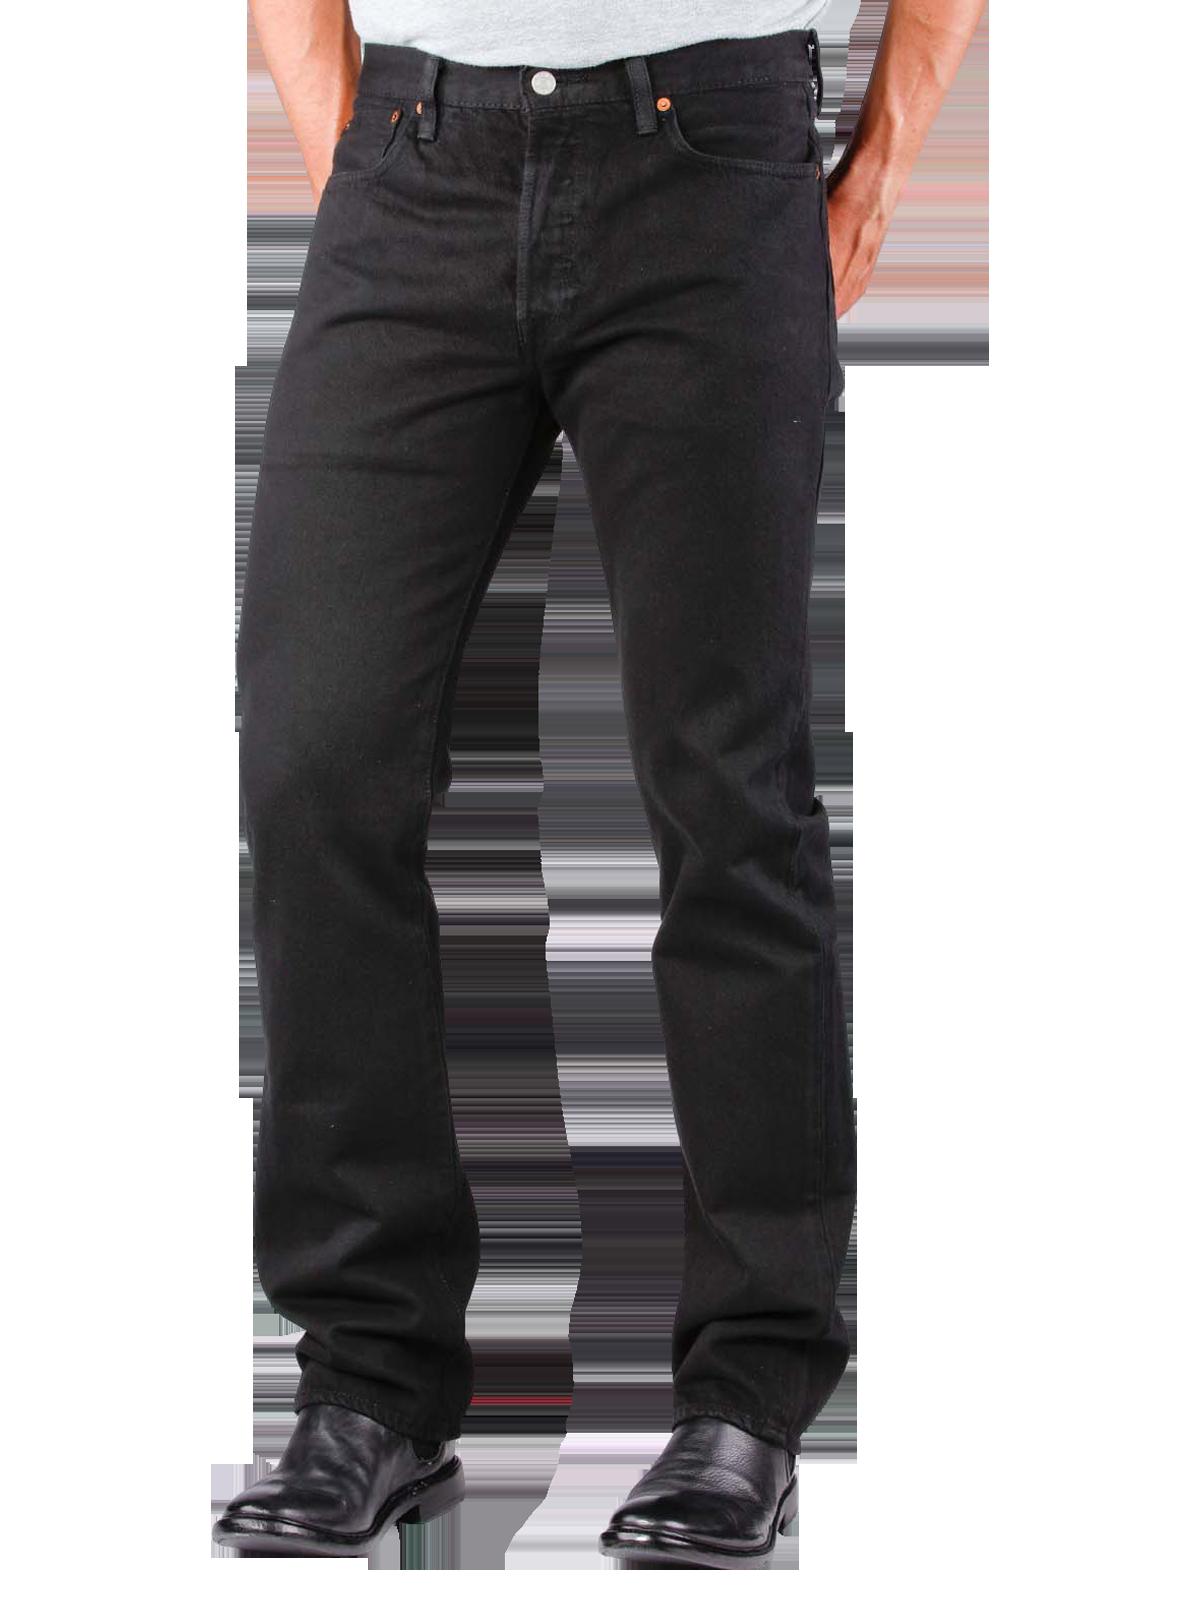 Levi's 501 Jeans black | Gratis Lieferung - JEANS.CH - Levi Jeans Colors